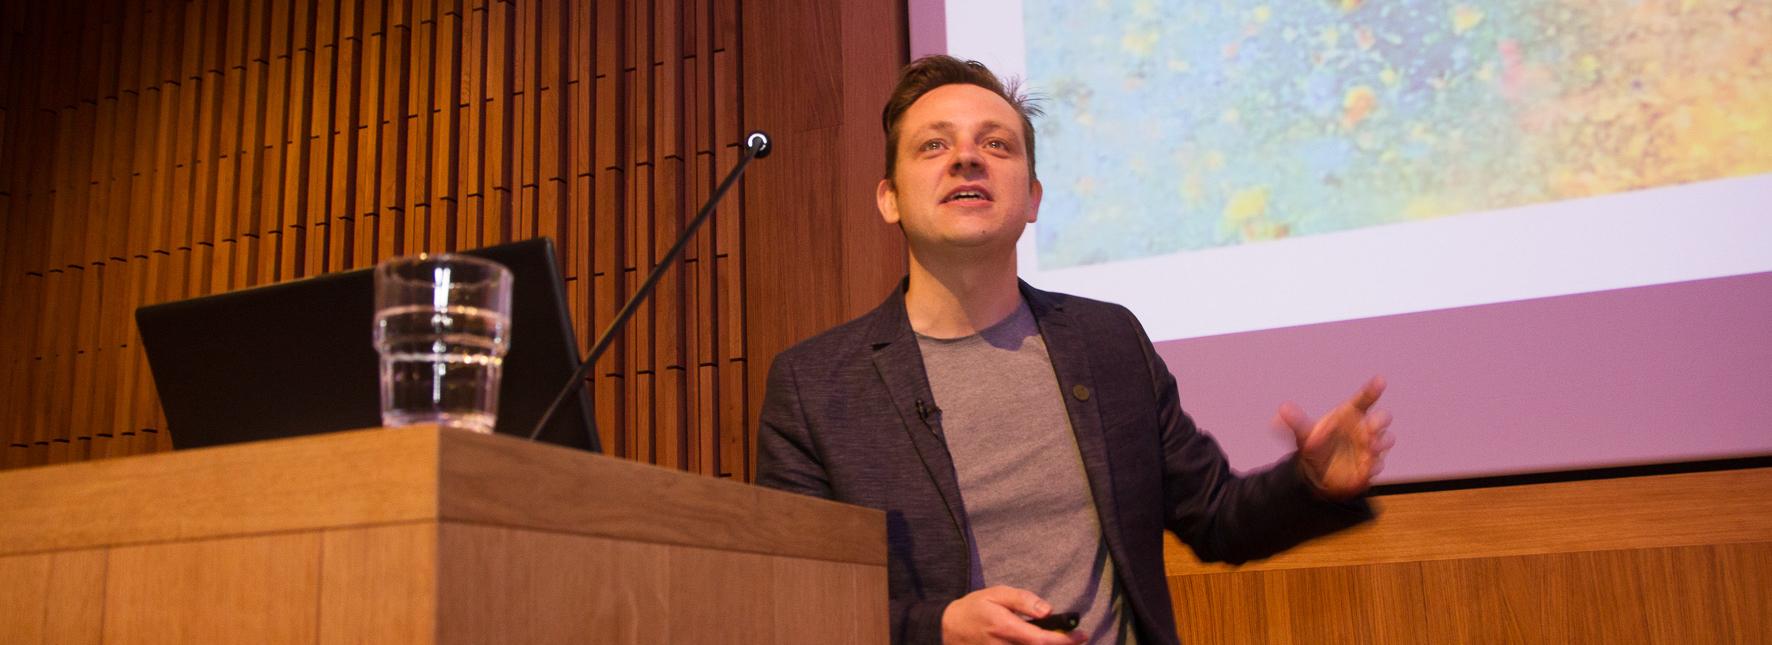 Bram Faems als spreker tijdens KlasCement 20 jaar. Foto: Bart De Freyne